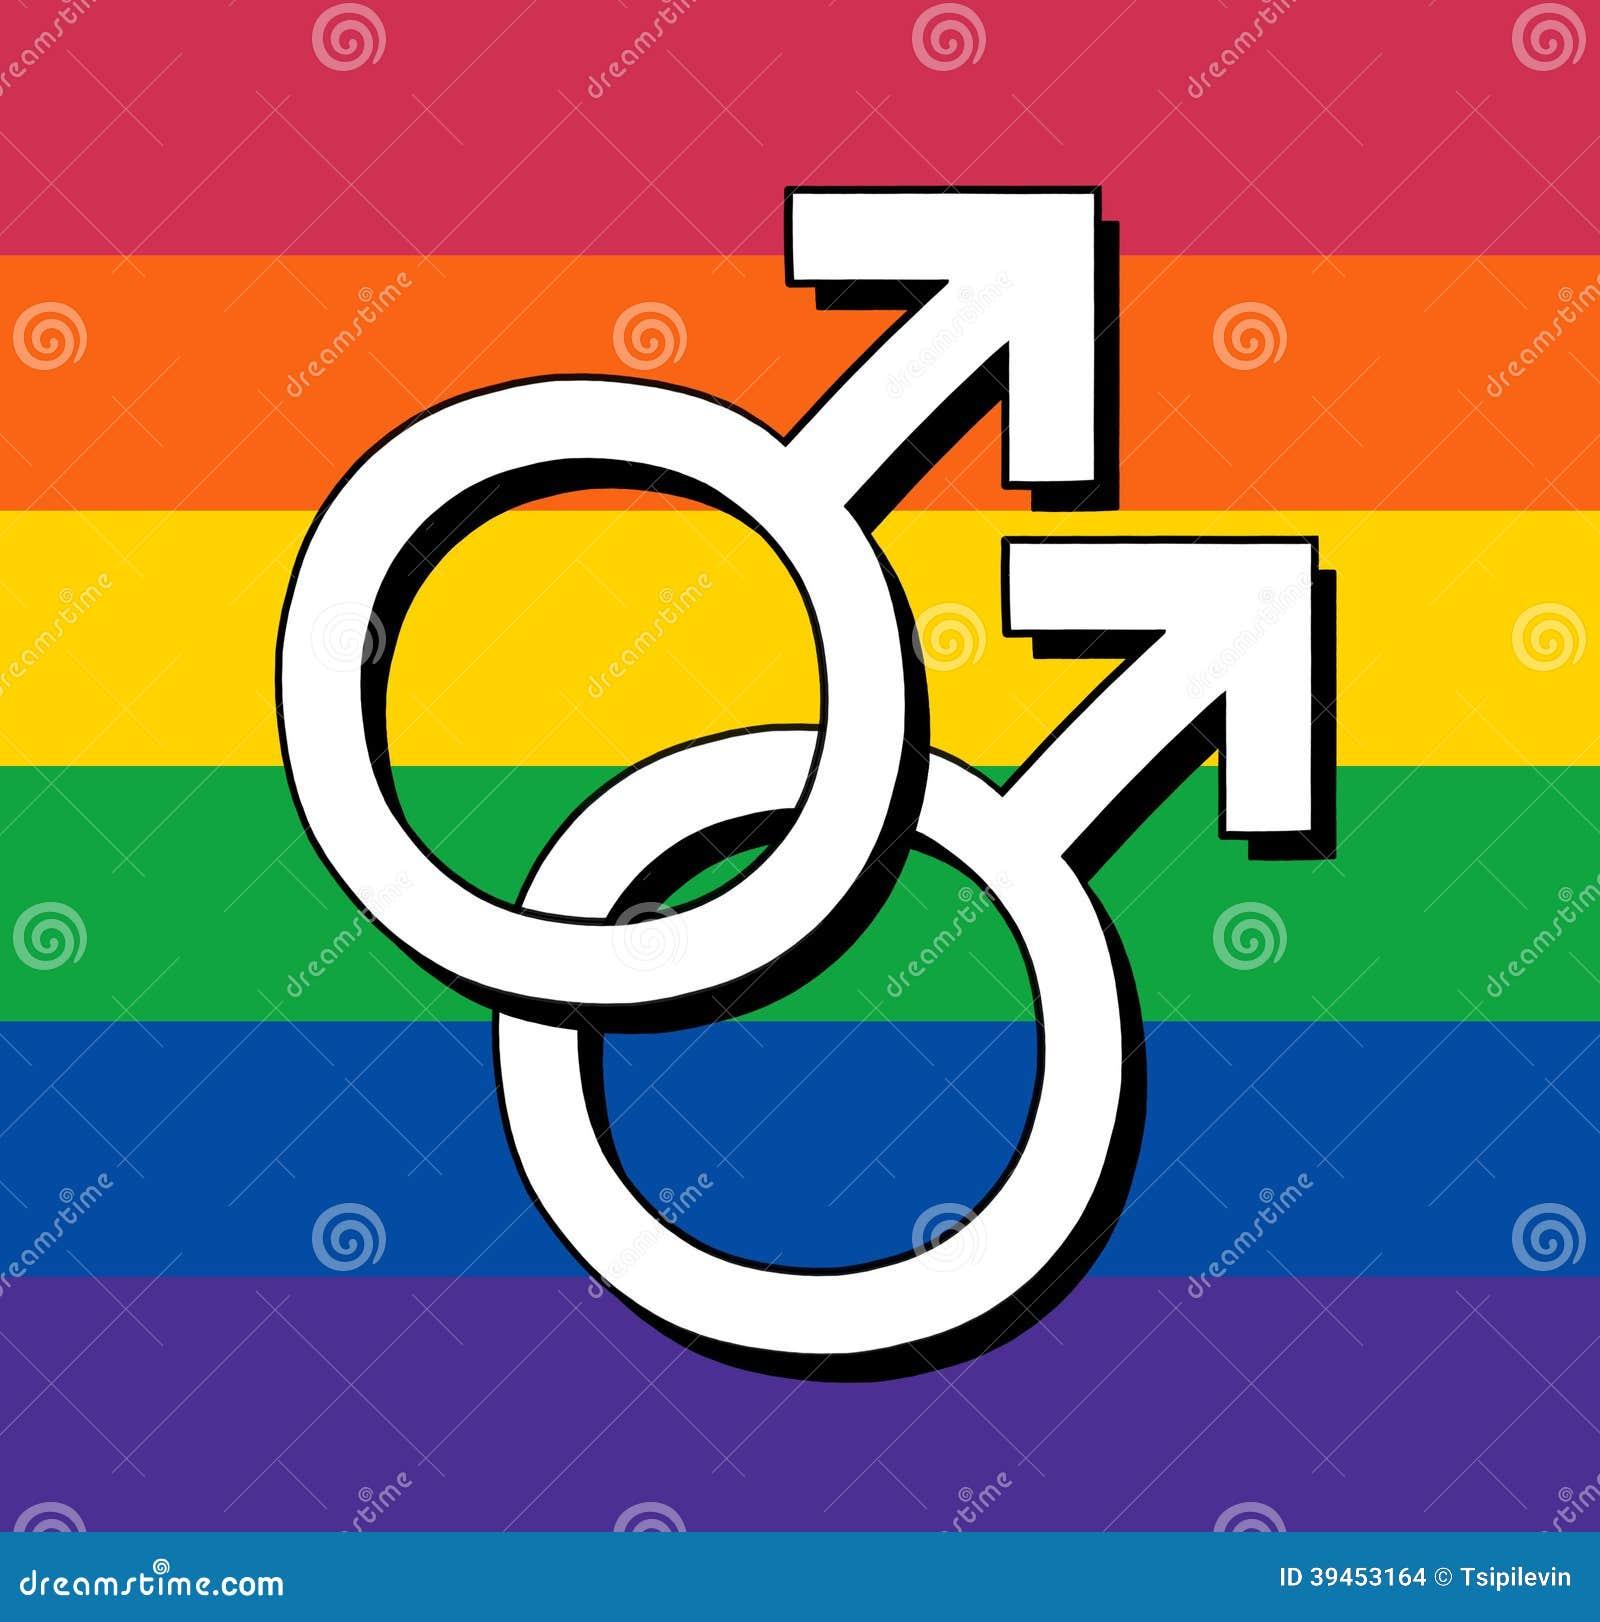 Masculino Archivos - Página 3 de 10 - Videos Gay